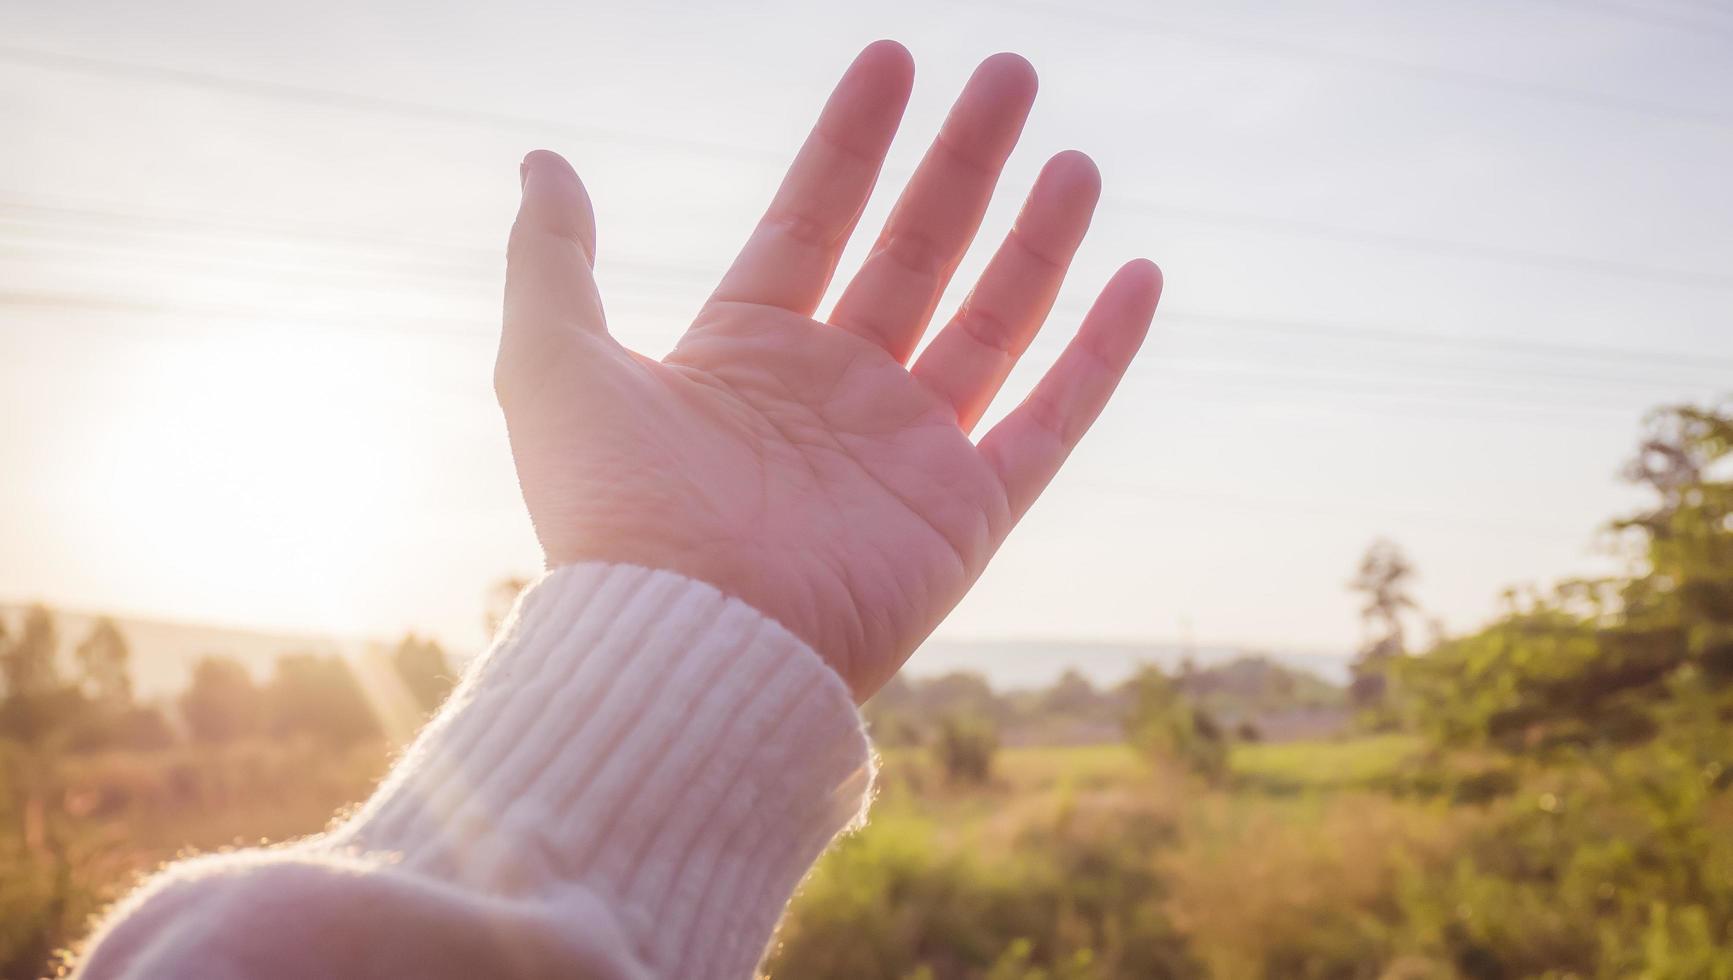 mjukt fokus på kvinnans hand som når mot naturen och himlen foto